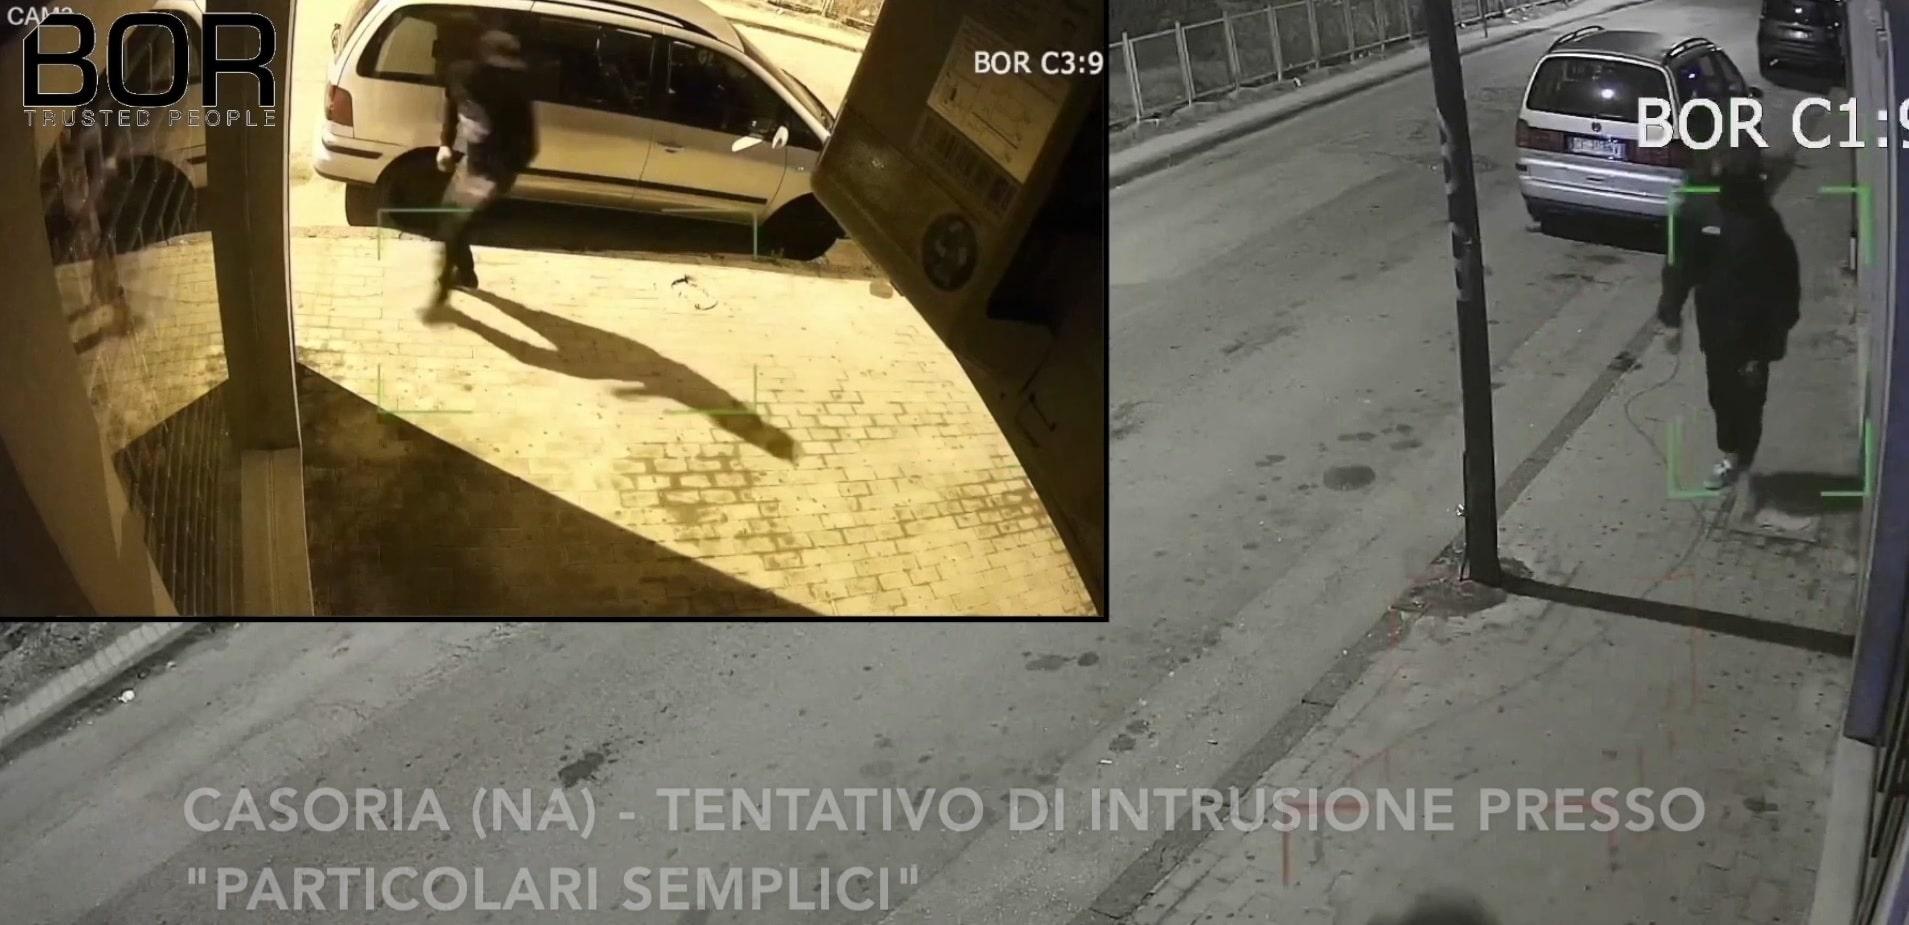 """Intrusione dissuasa a Casoria (NA) presso il negozio di abbigliamento """"PARTICOLARI SEMPLICI"""""""